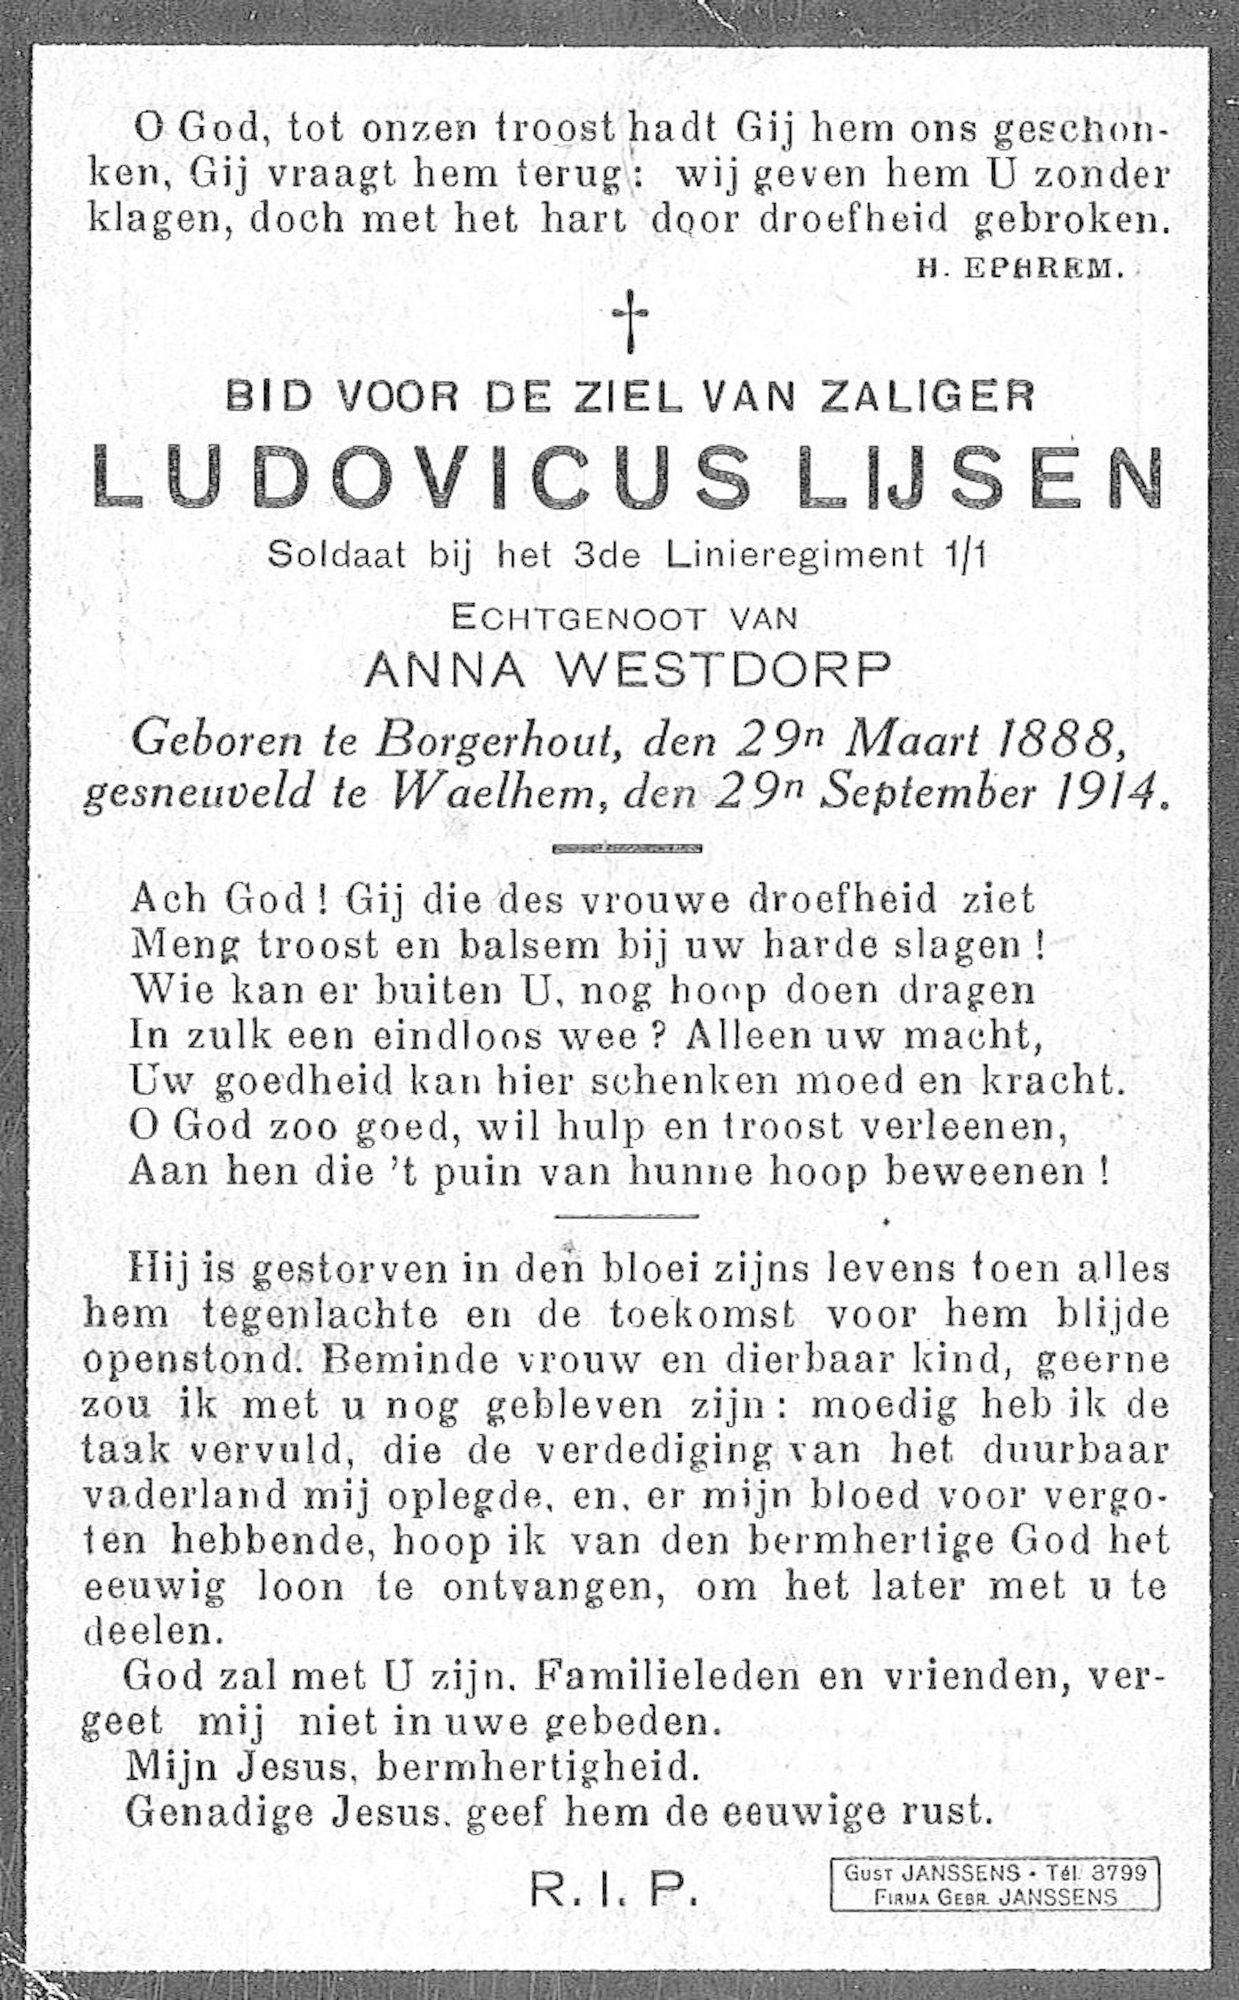 Ludovicus Lijsen